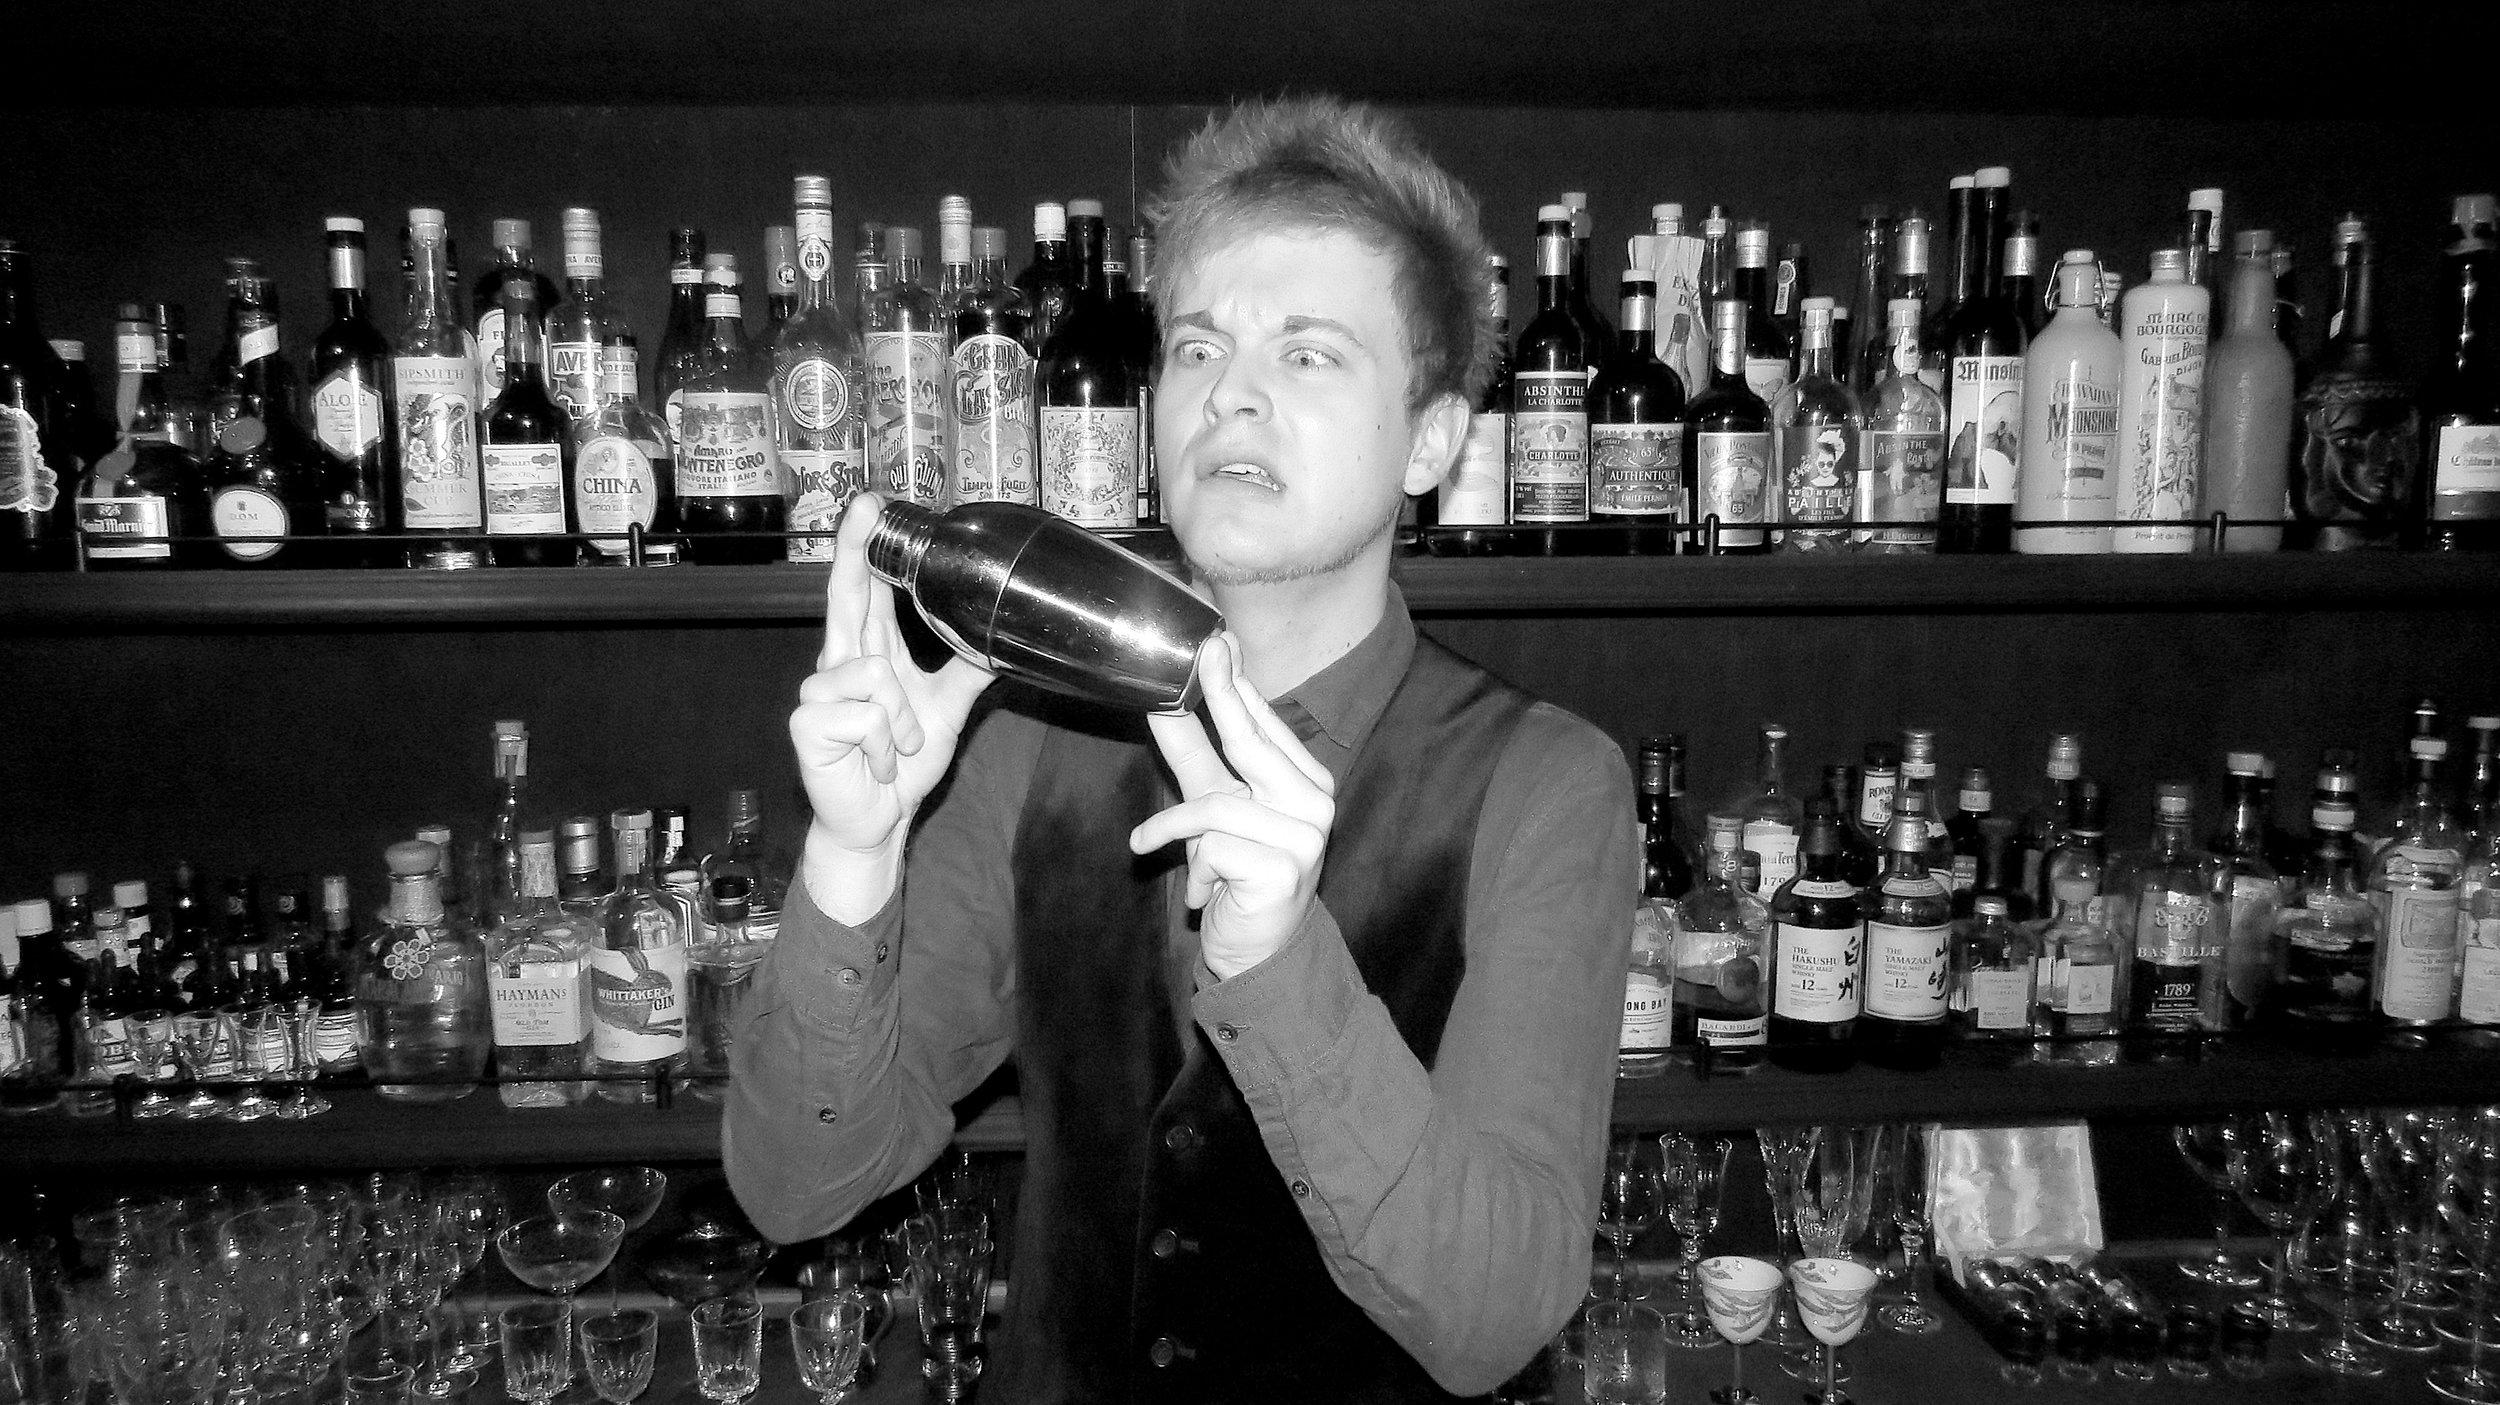 bar-trauma-staff.JPG